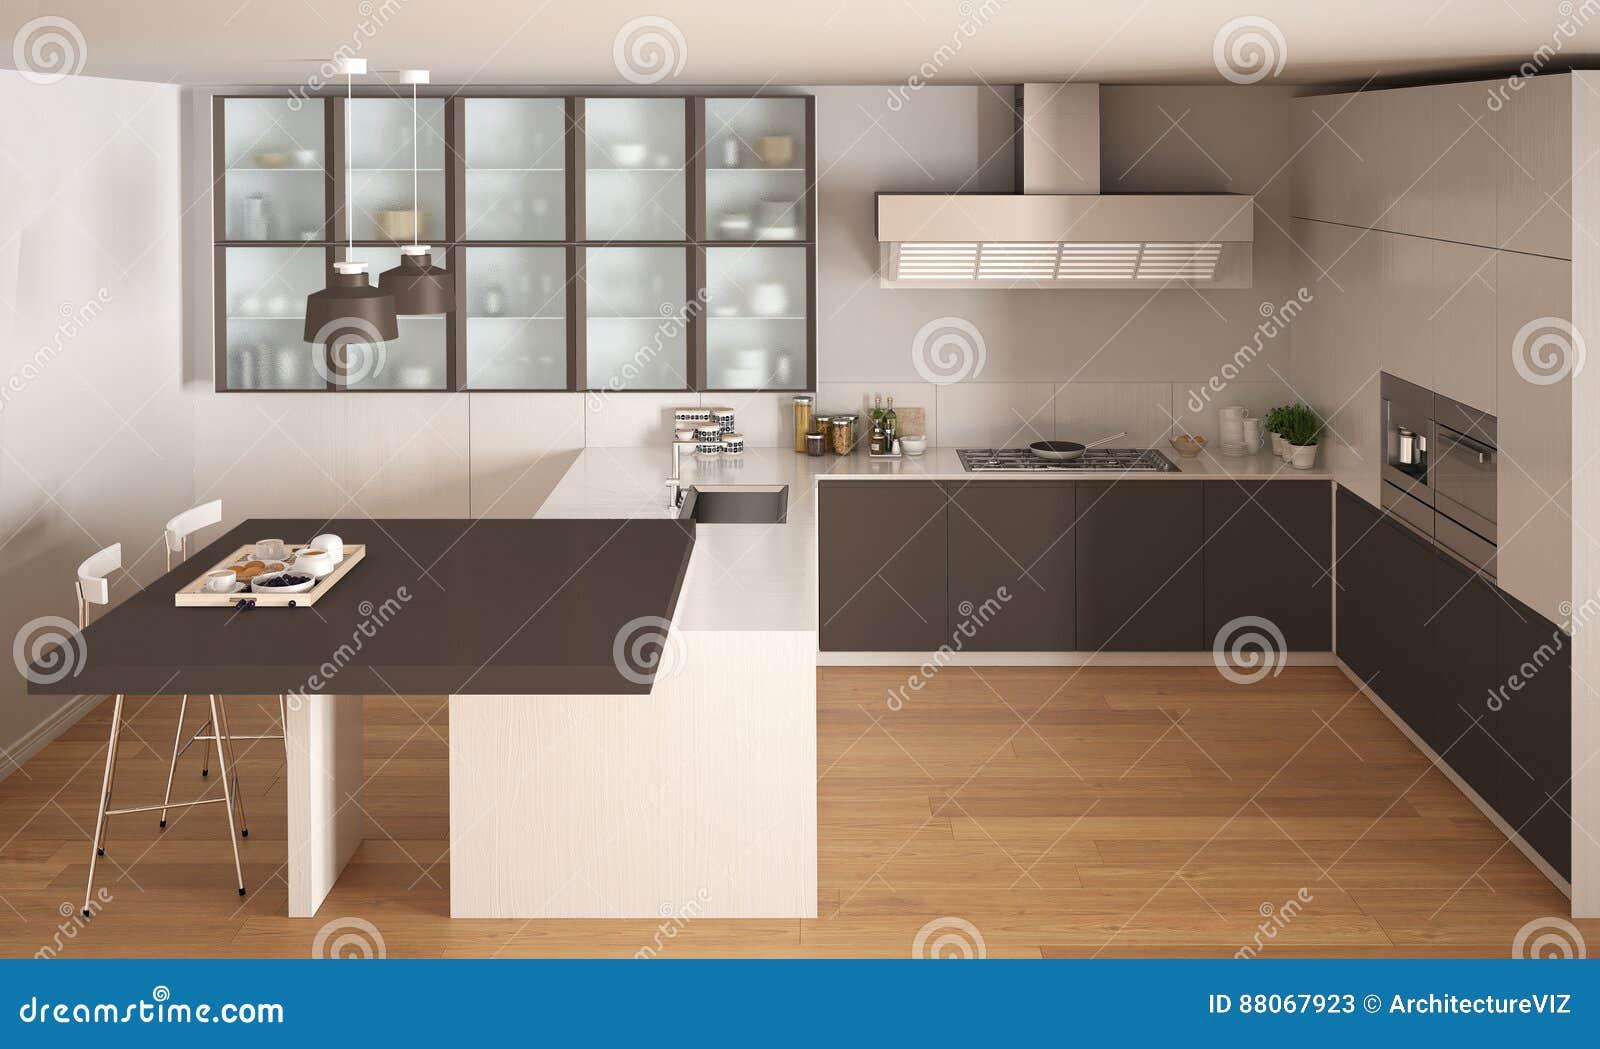 Klassische Minimale Weisse Und Braune Kuche Mit Parkettboden Modus